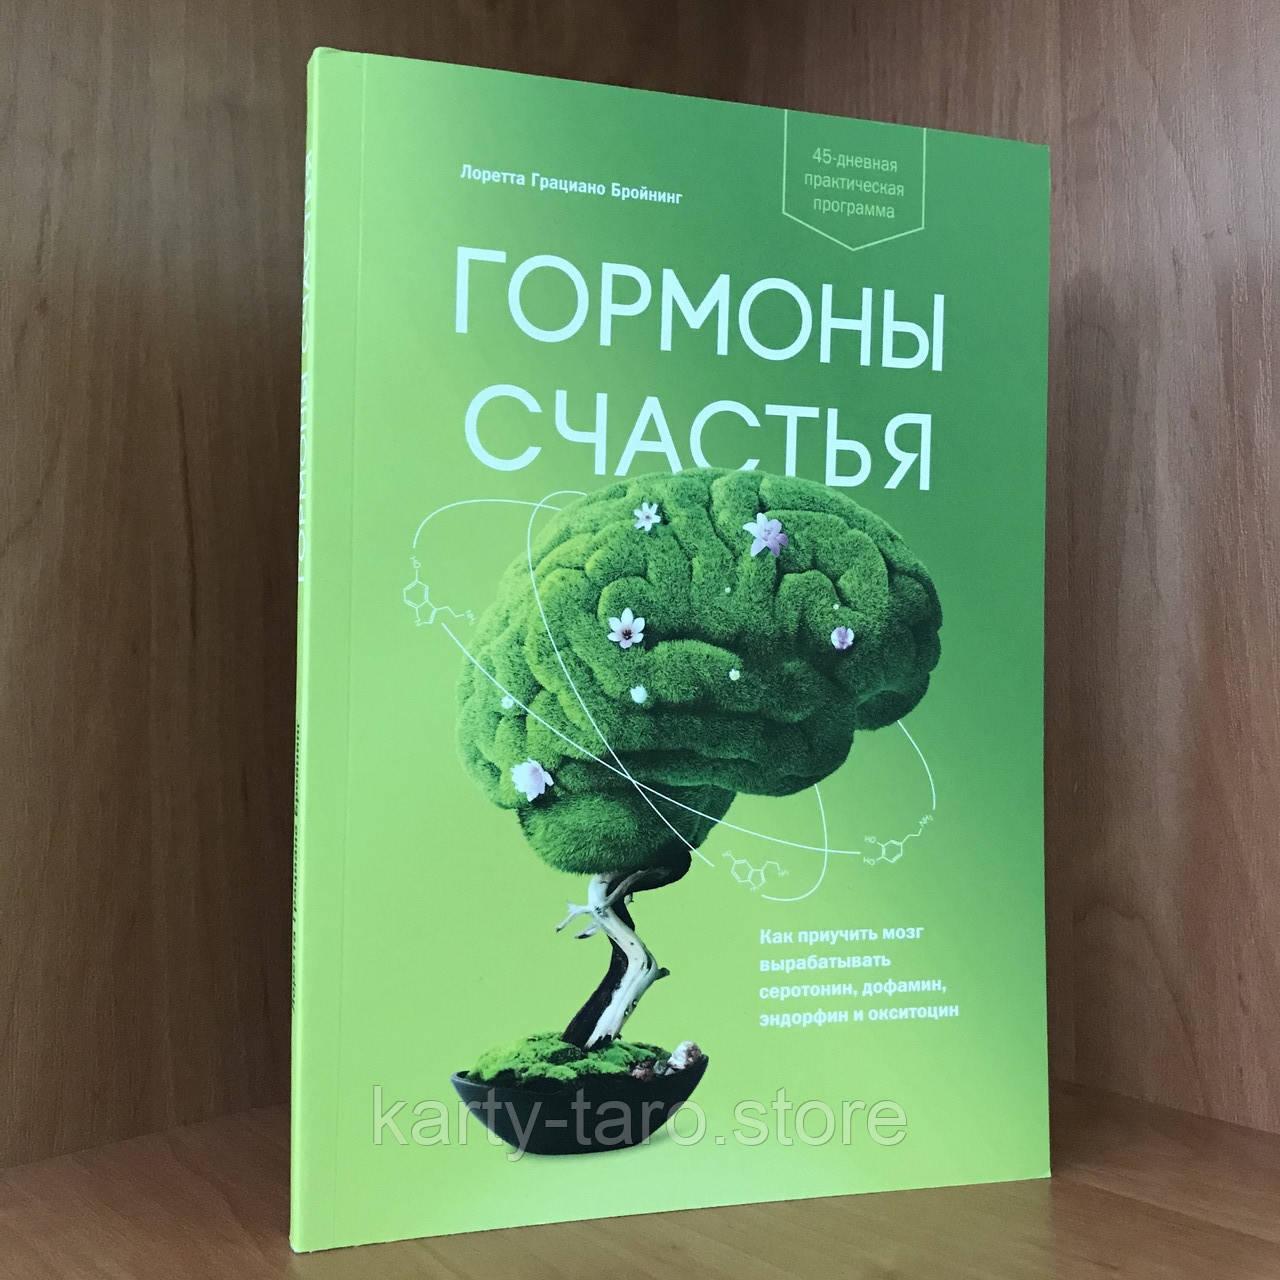 Книга Гормони щастя. Як привчити мозок виробляти серотонін, дофамін, ендорфін і окситоцин - Бройнинг